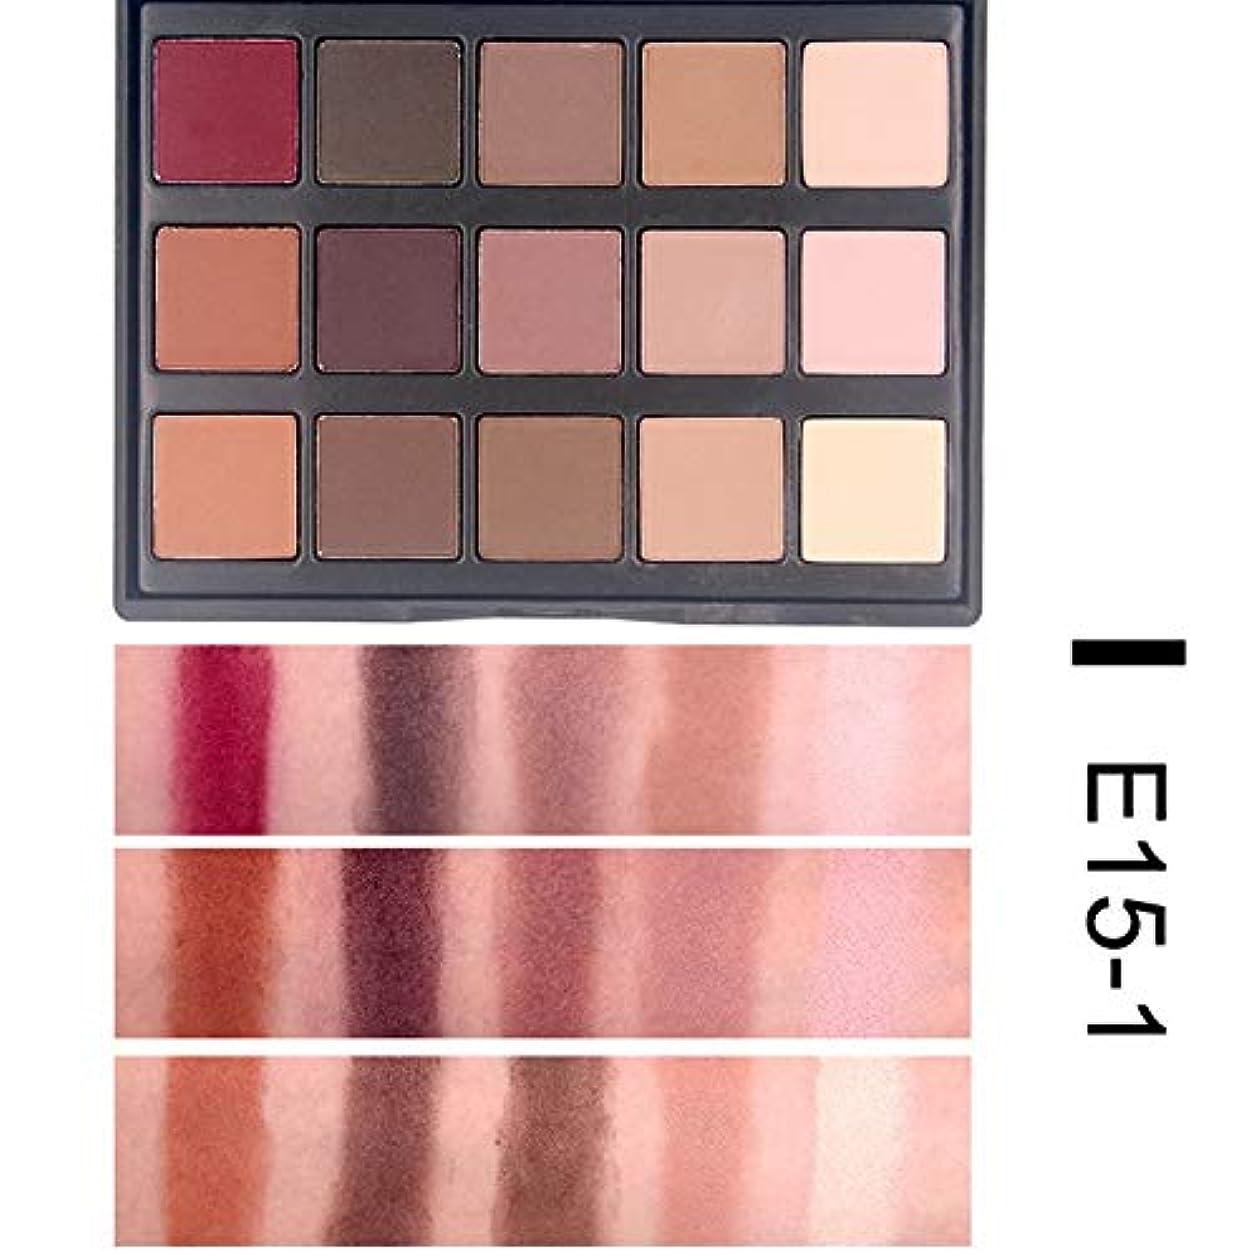 滑りやすい守る外交問題Rabugoo 15色ミニアイシャドウパウダーマットアイシャドウ化粧品メイクアップ EP15#1